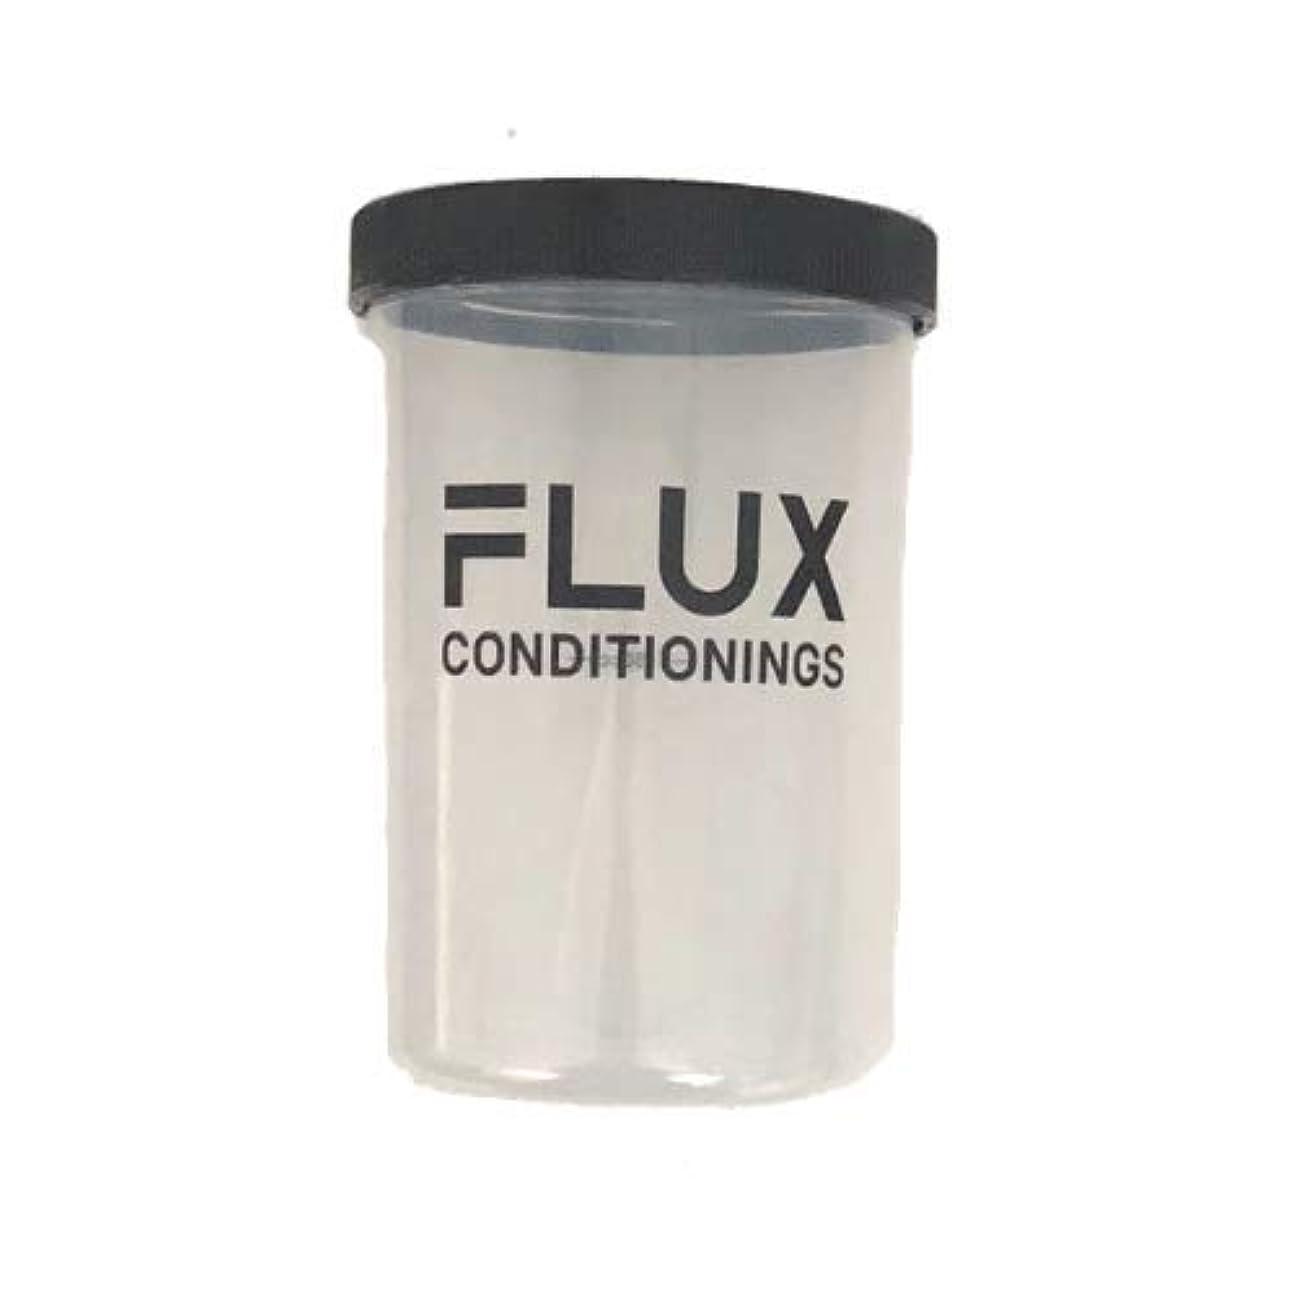 ハロウィン控えめな同時代官山FLUX(フラックス)ジム、プロテインシェーカー (500ml)